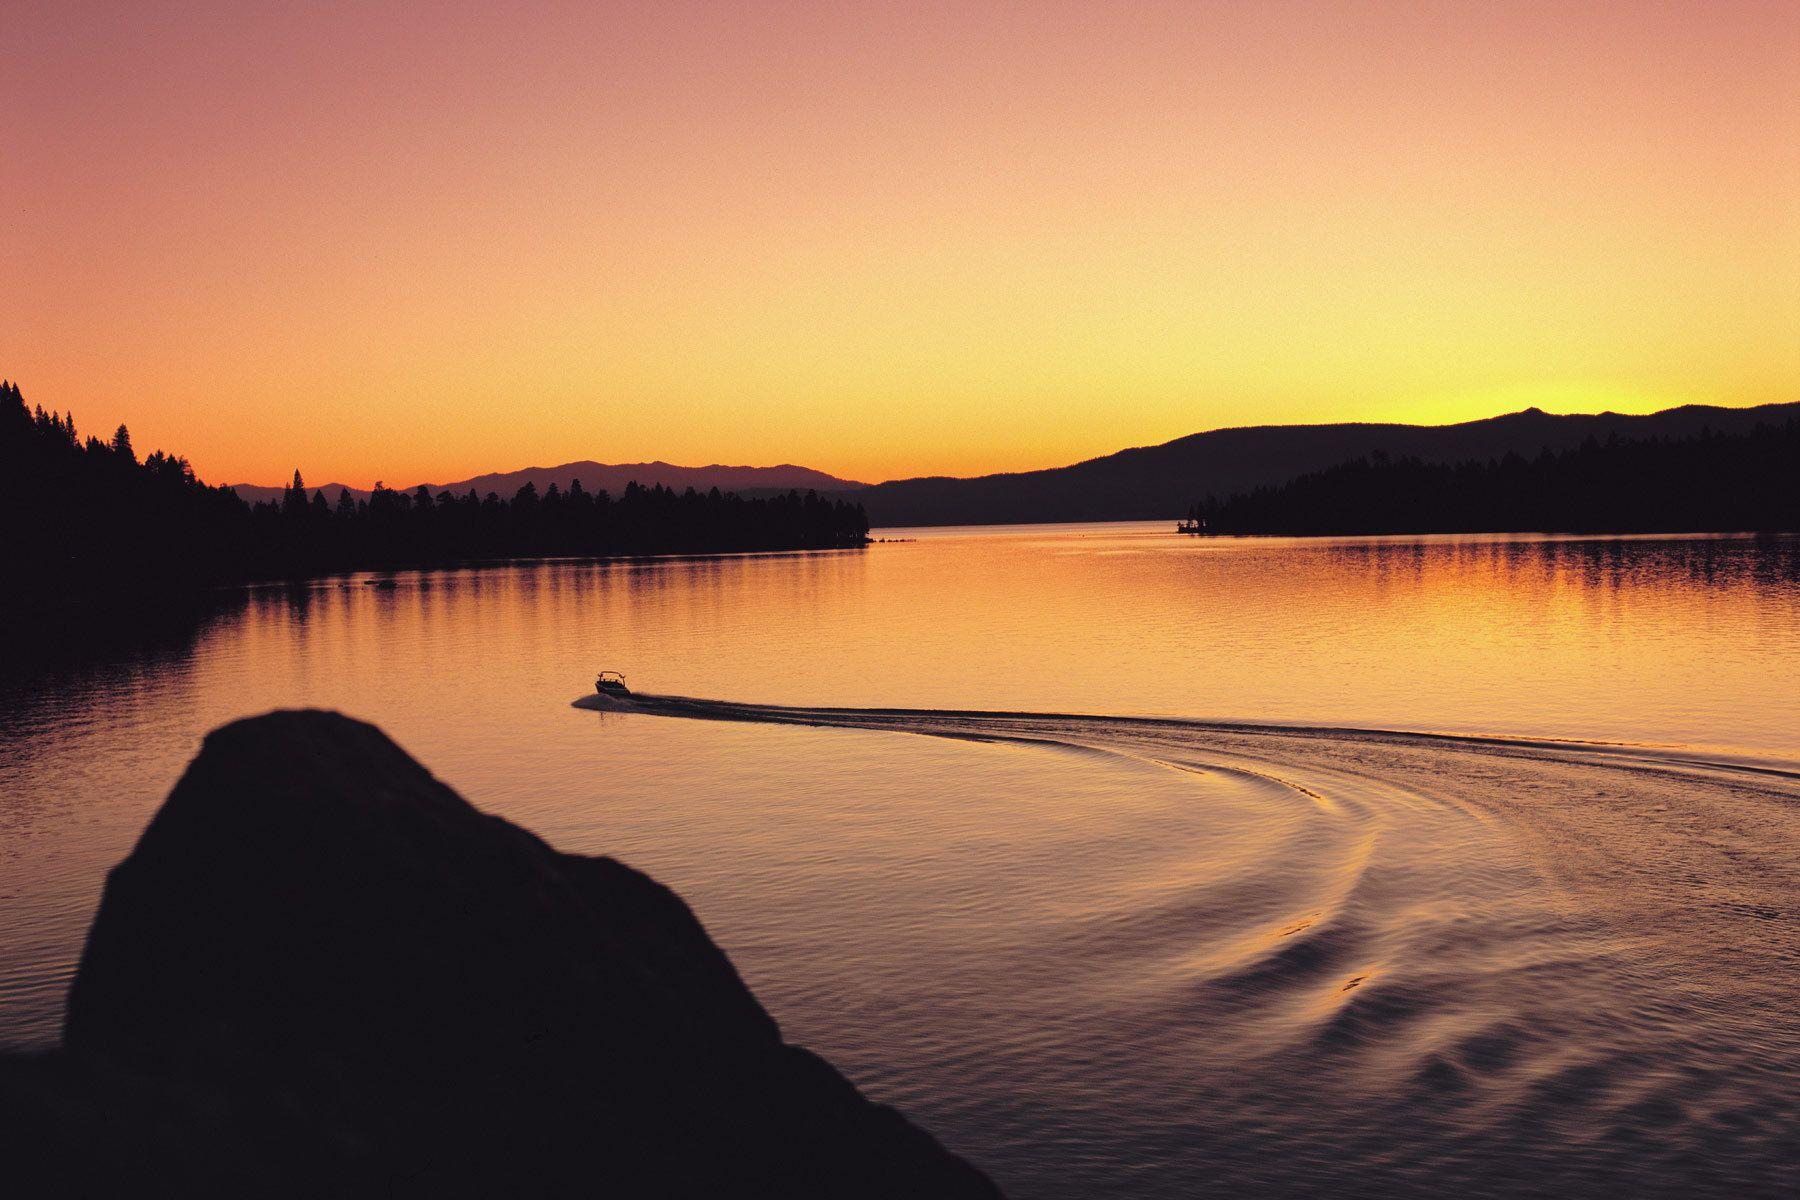 1emerald_bay_boat_dawn